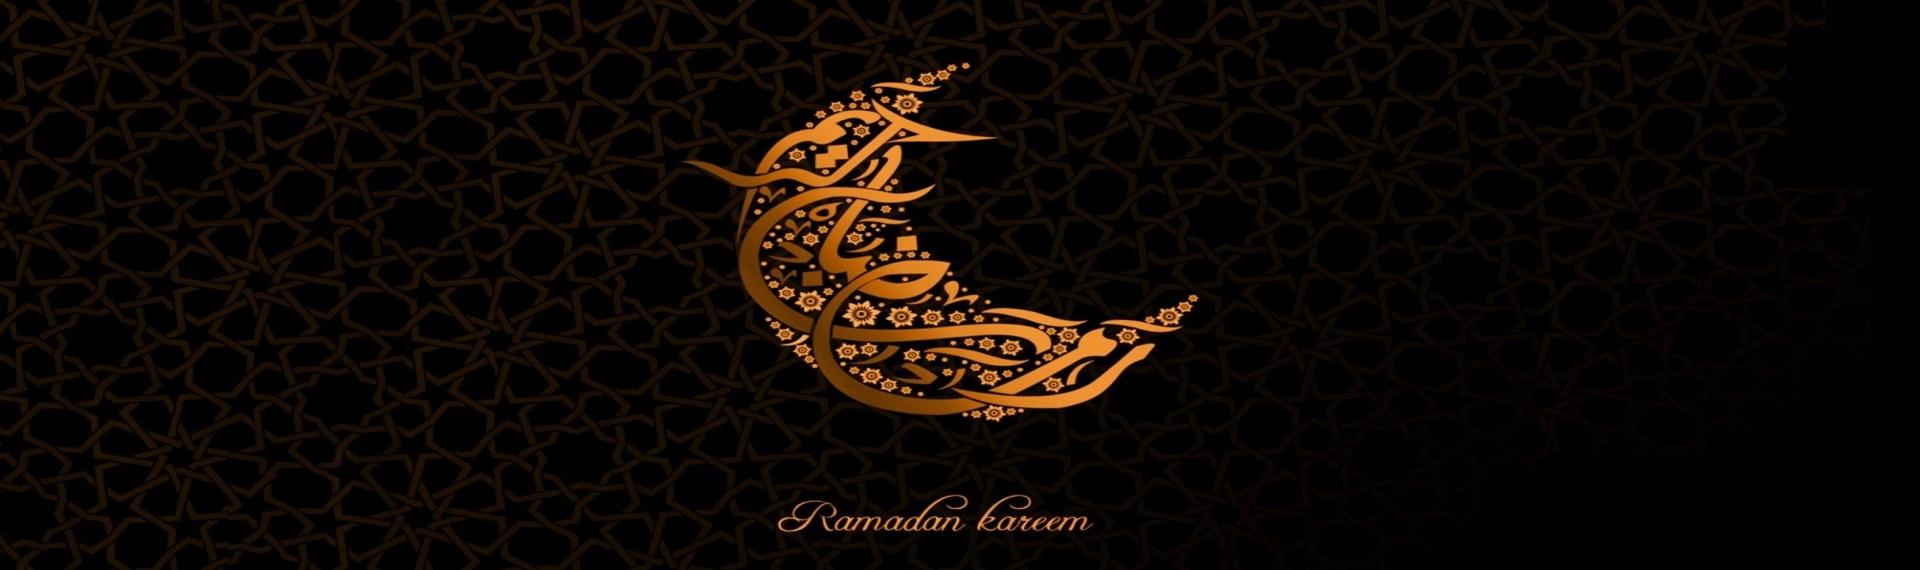 حلول ماه رمضان مبارک باد - روغن موتور پترونول